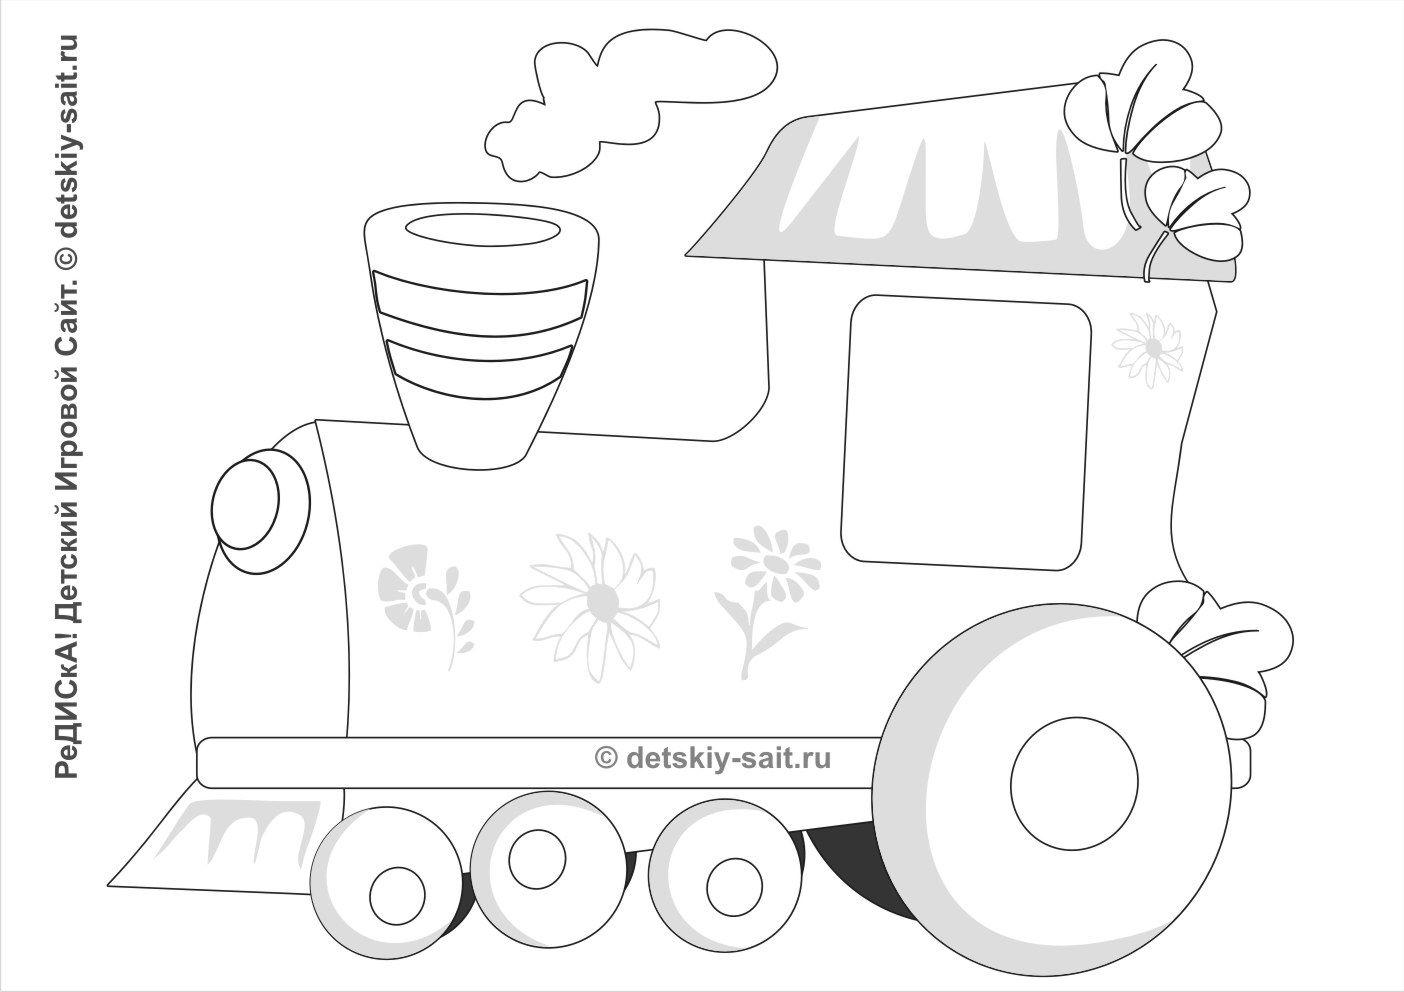 исторический шаблоны паровозика с вагонами для фото является публичной